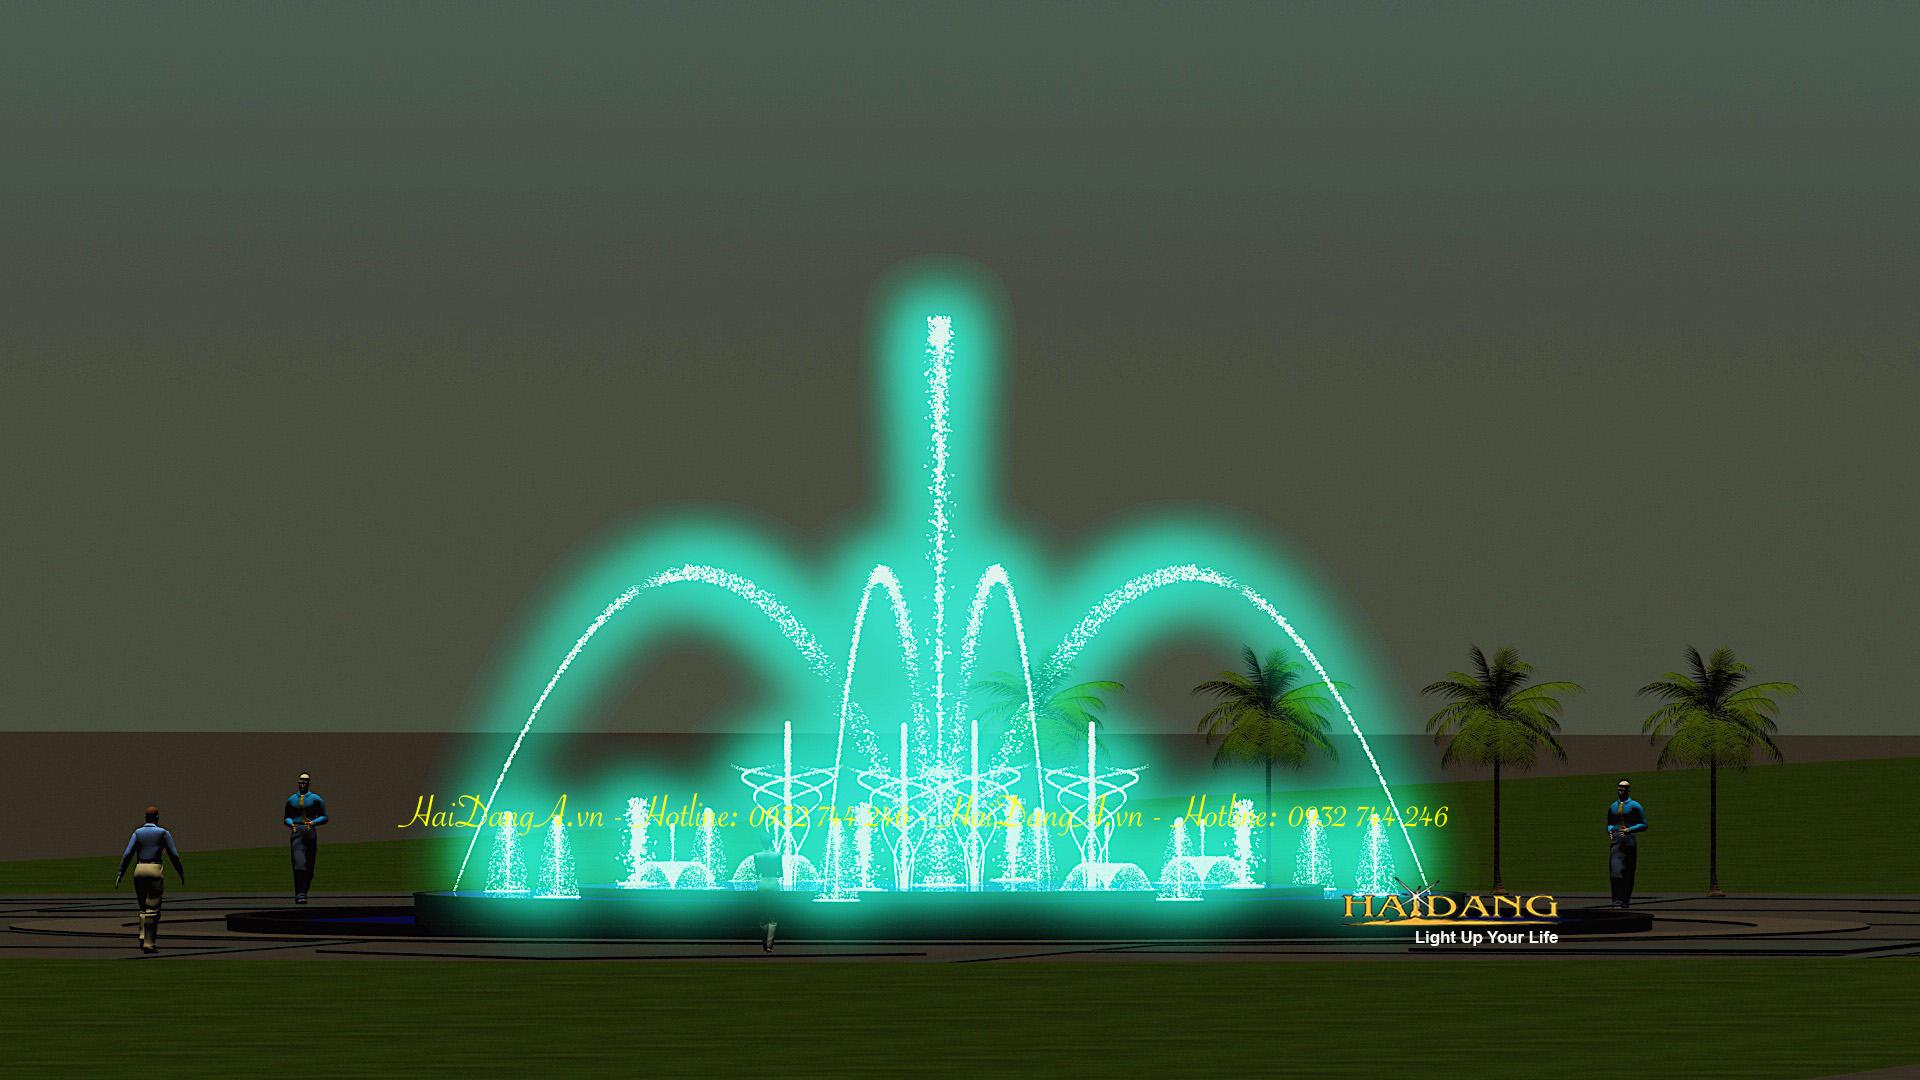 Hệ thống nhạc nước đài phun nước nghệ thuật do Hải Đăng thiết kế với vòi phun hình cầu vồng sủi bọt hoa loa kèn và cột nước thẳng đứng